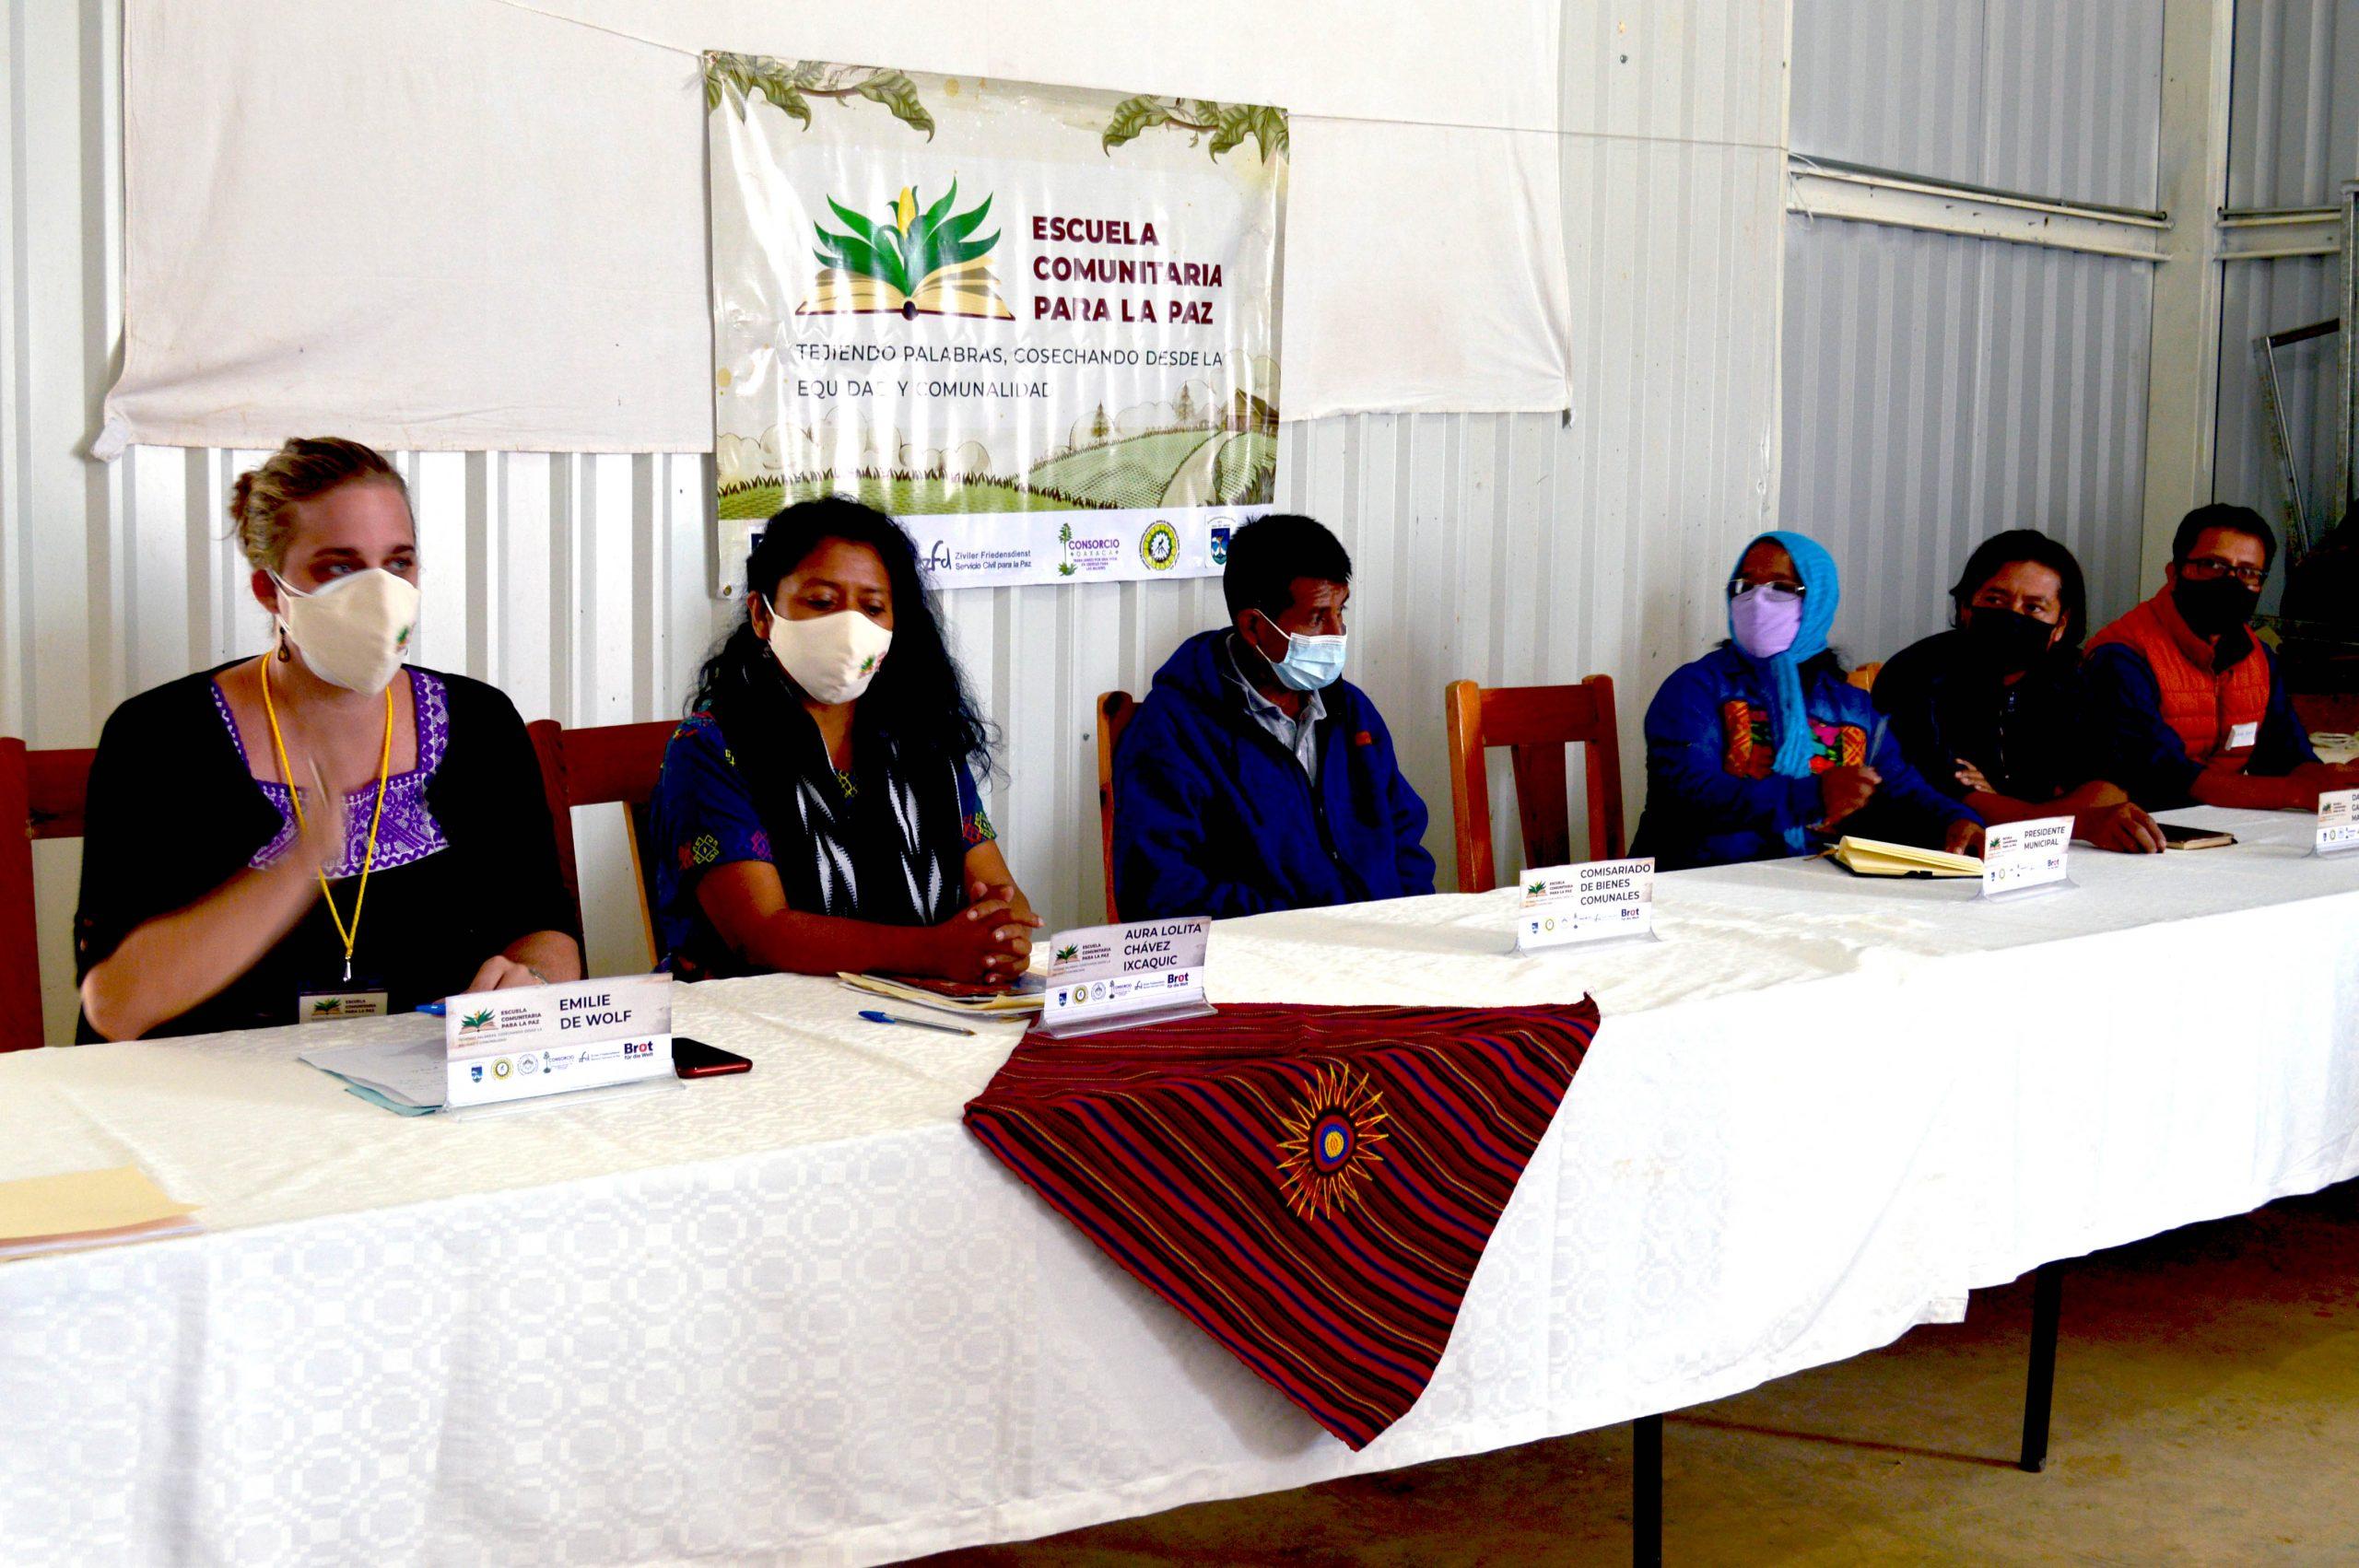 Arranca Escuela Comunitaria para la Paz en Región Mixe-Choapam